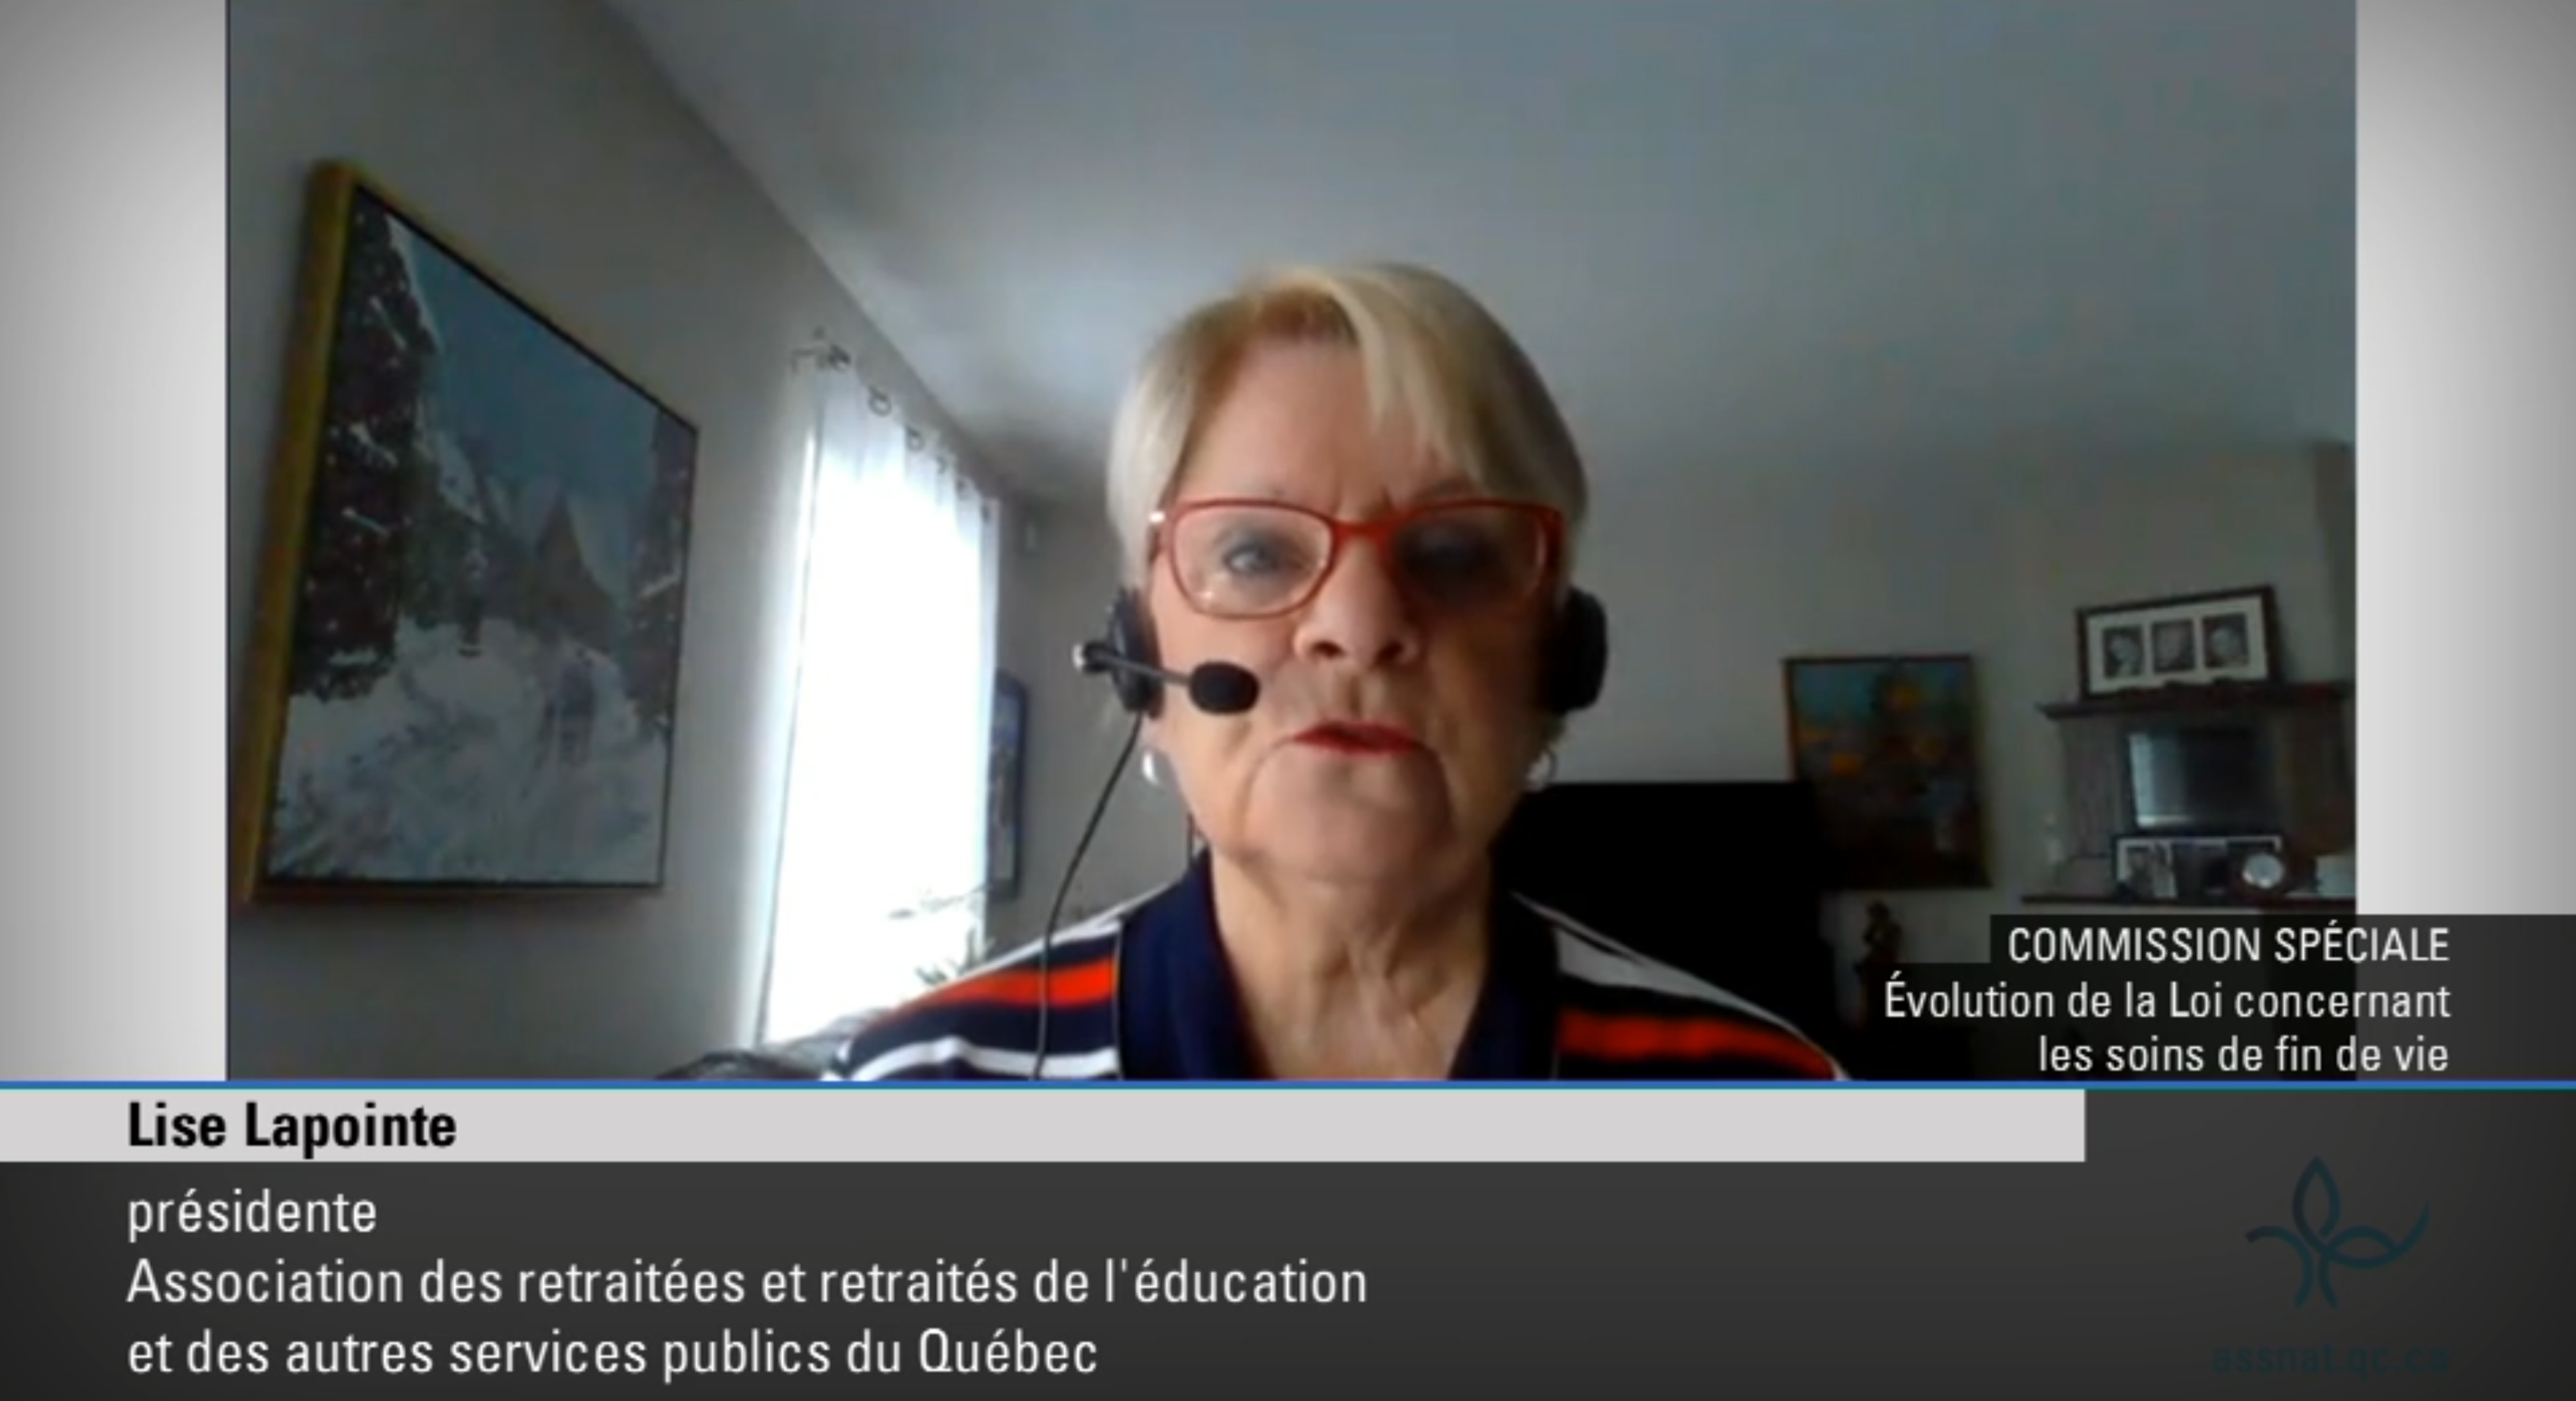 L'AREQ présente son mémoire dans le cadre de la Commission spéciale sur l'évolution de la Loi concernant les soins de fin de vie